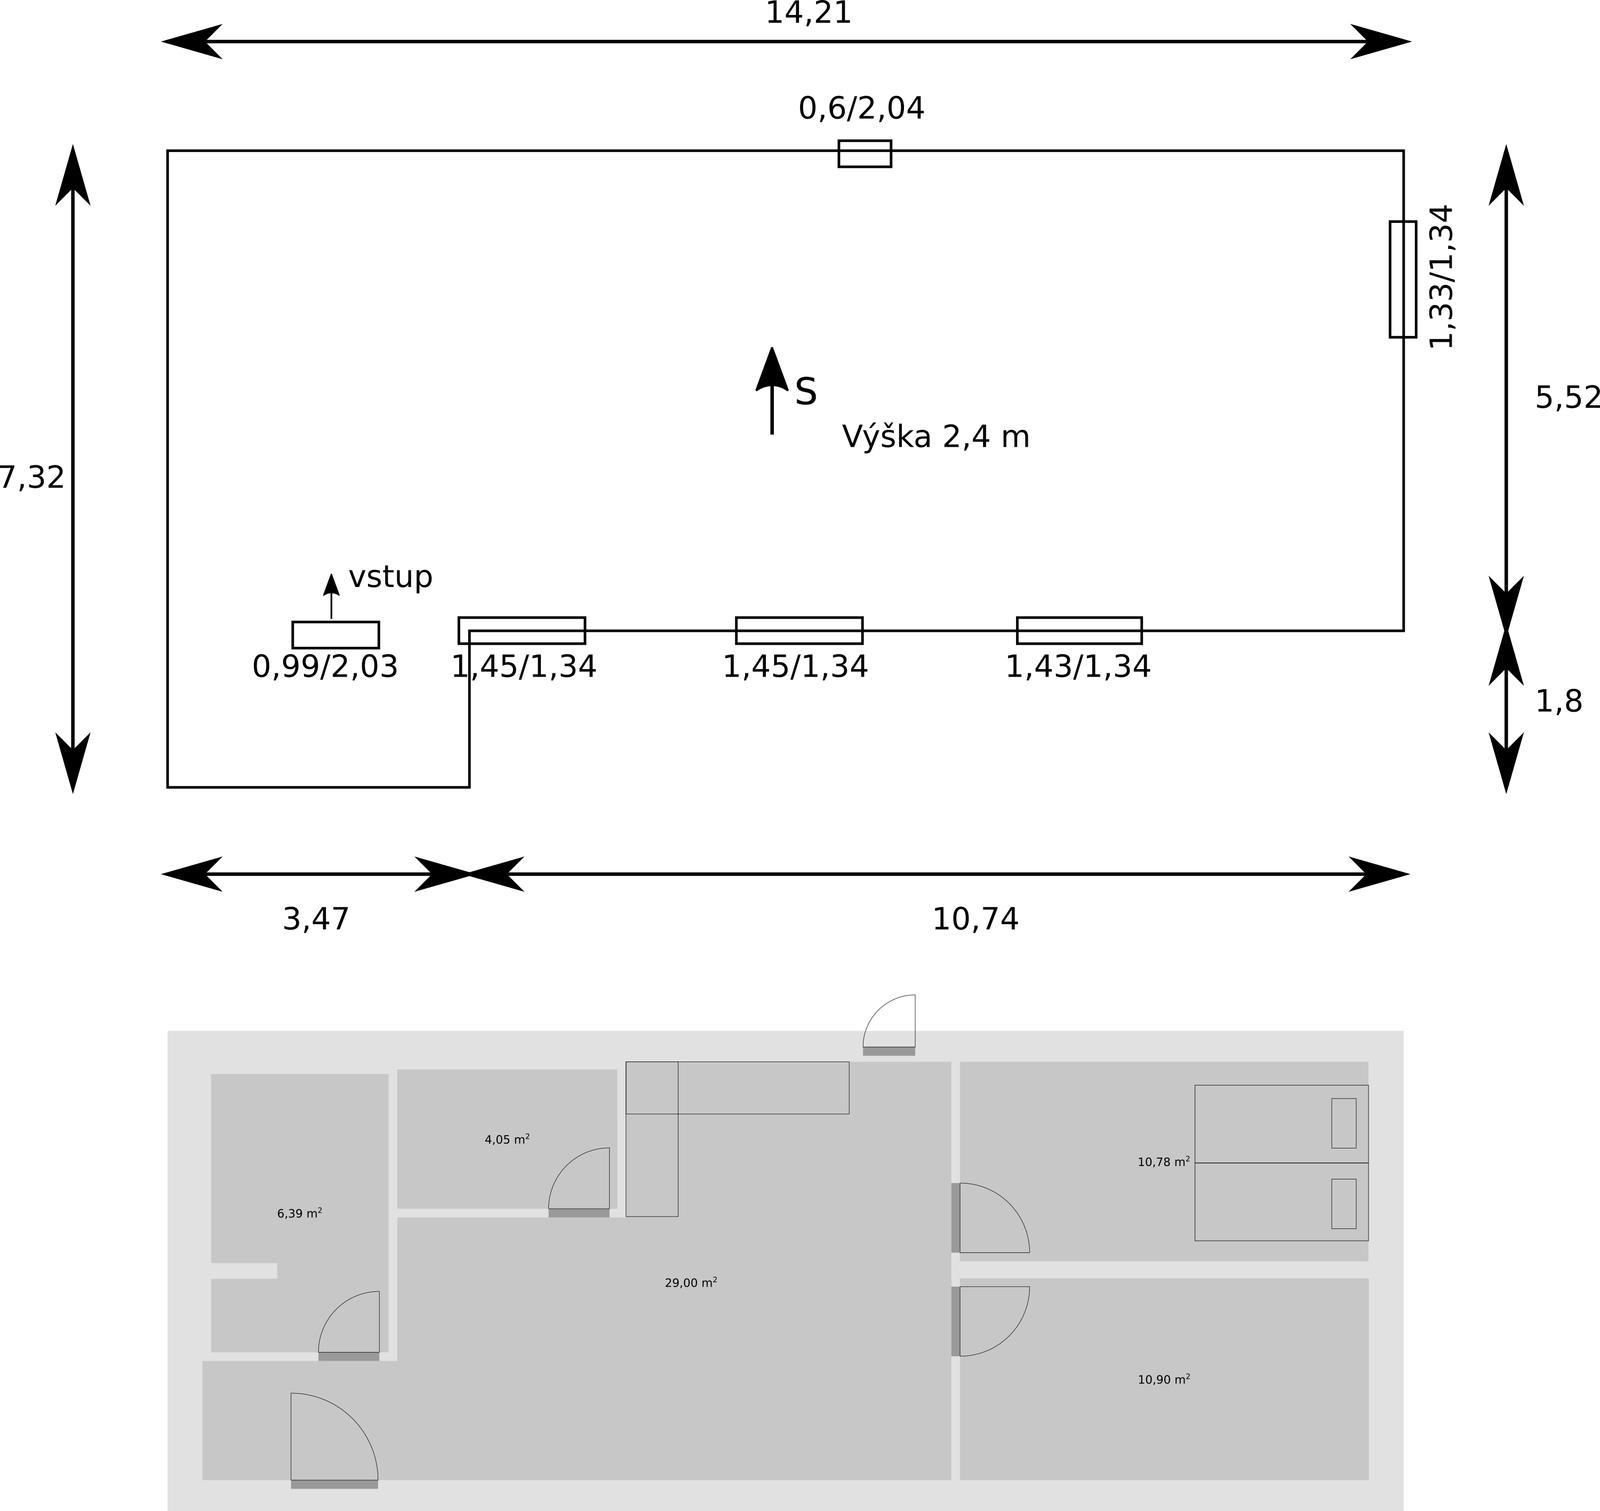 Kontajnerový dom po stieťkovaní - Nákres podla reálneho merania